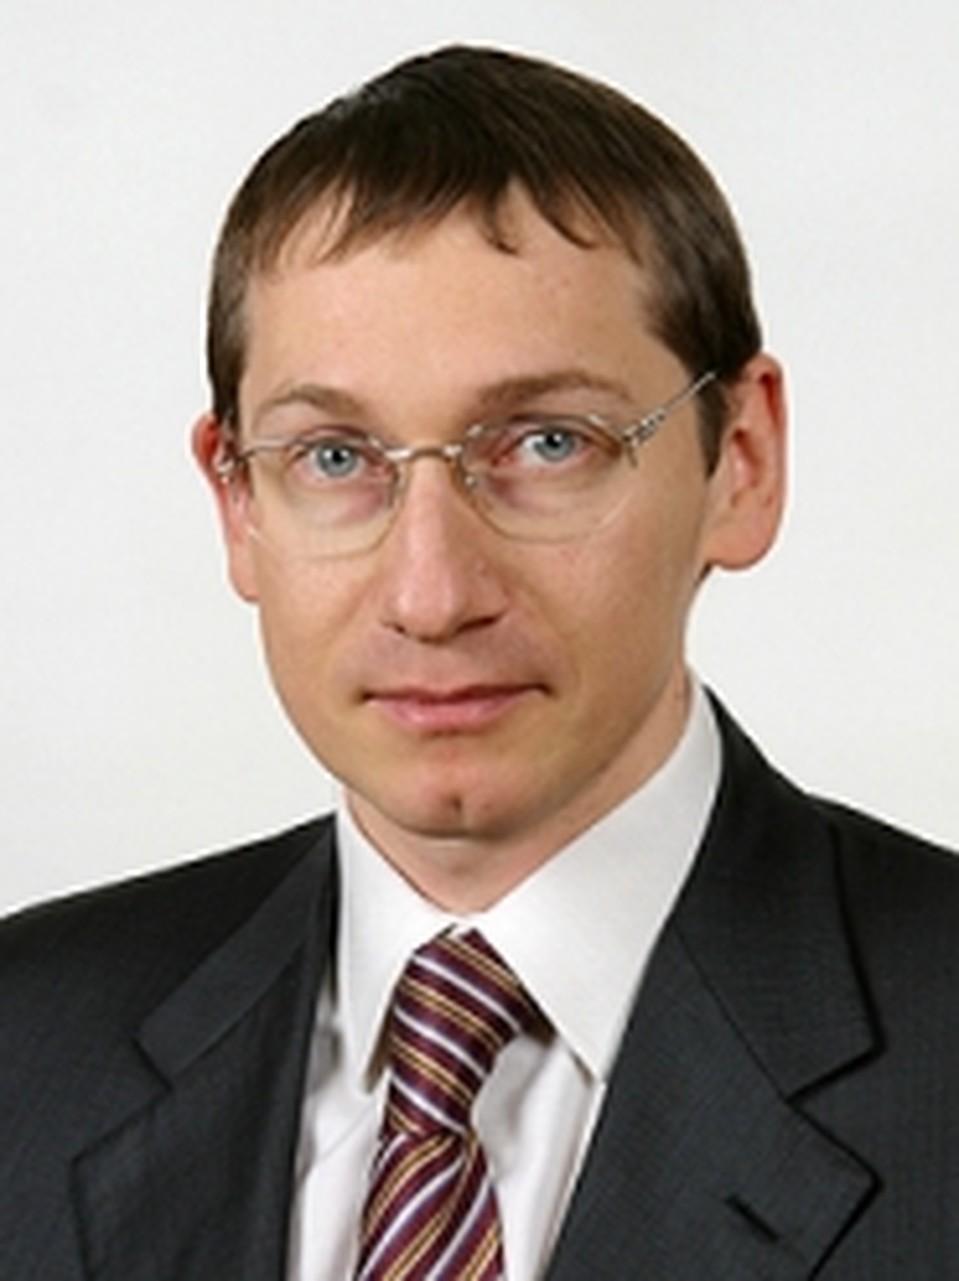 члены госдумы четвертого созыва одномандатники